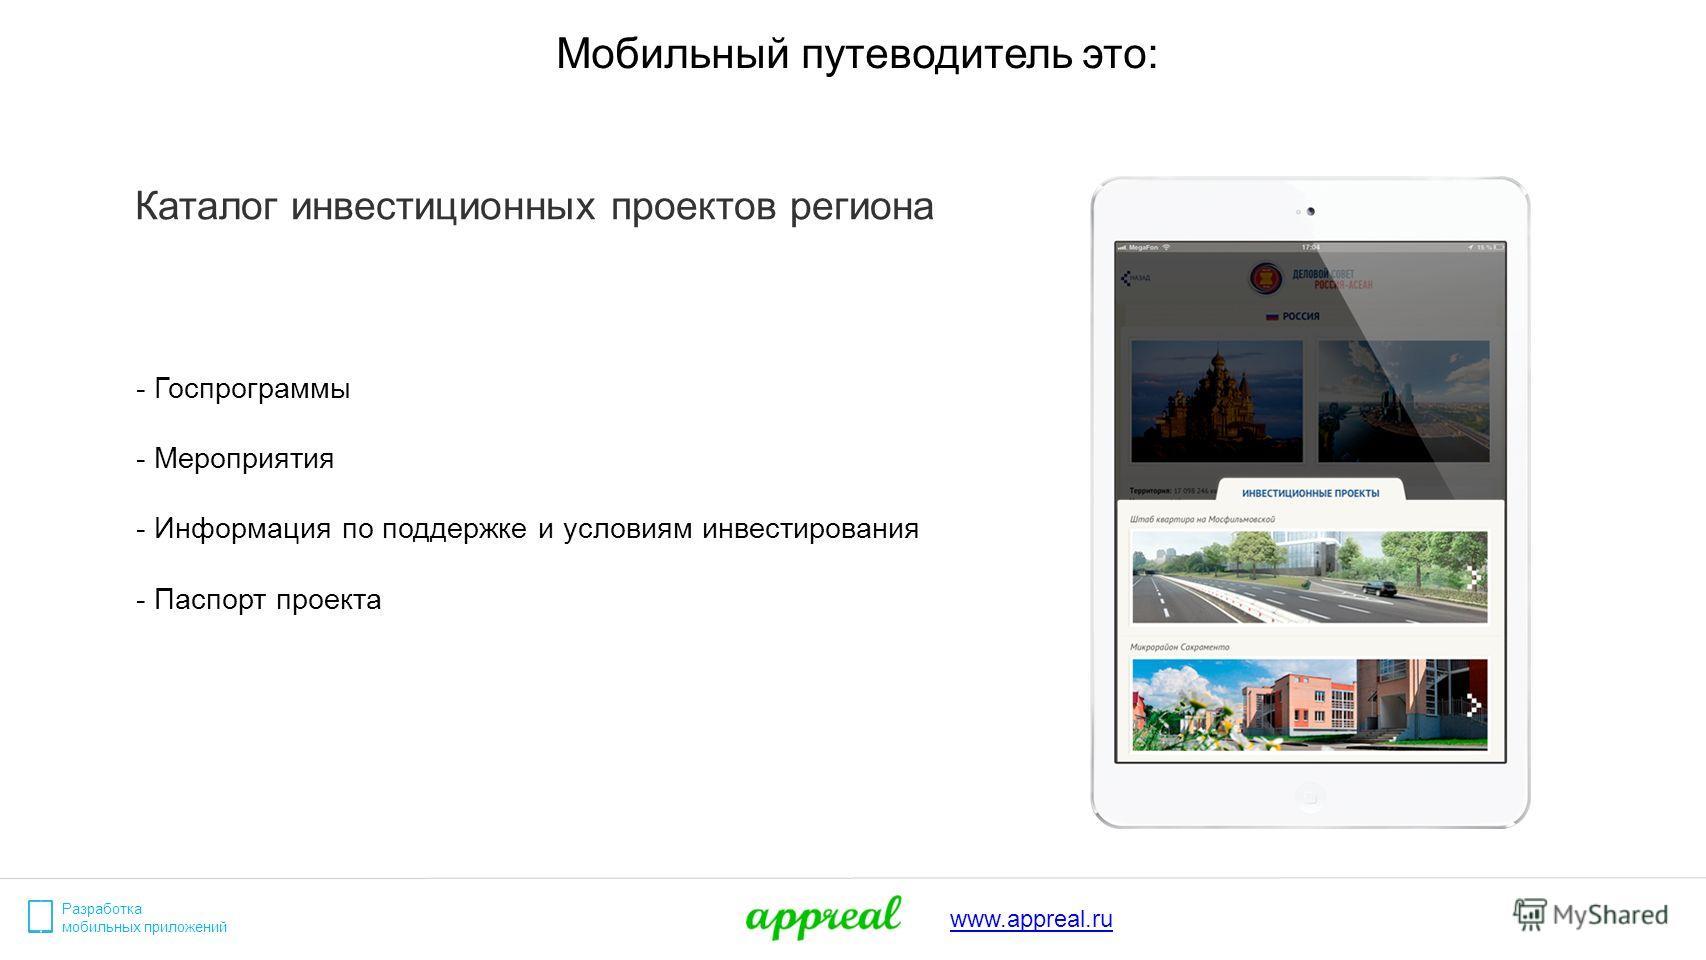 Разработка мобильных приложений www.appreal.ru Мобильный путеводитель это: Каталог инвестиционных проектов региона - Госпрограммы - Мероприятия - Информация по поддержке и условиям инвестирования - Паспорт проекта